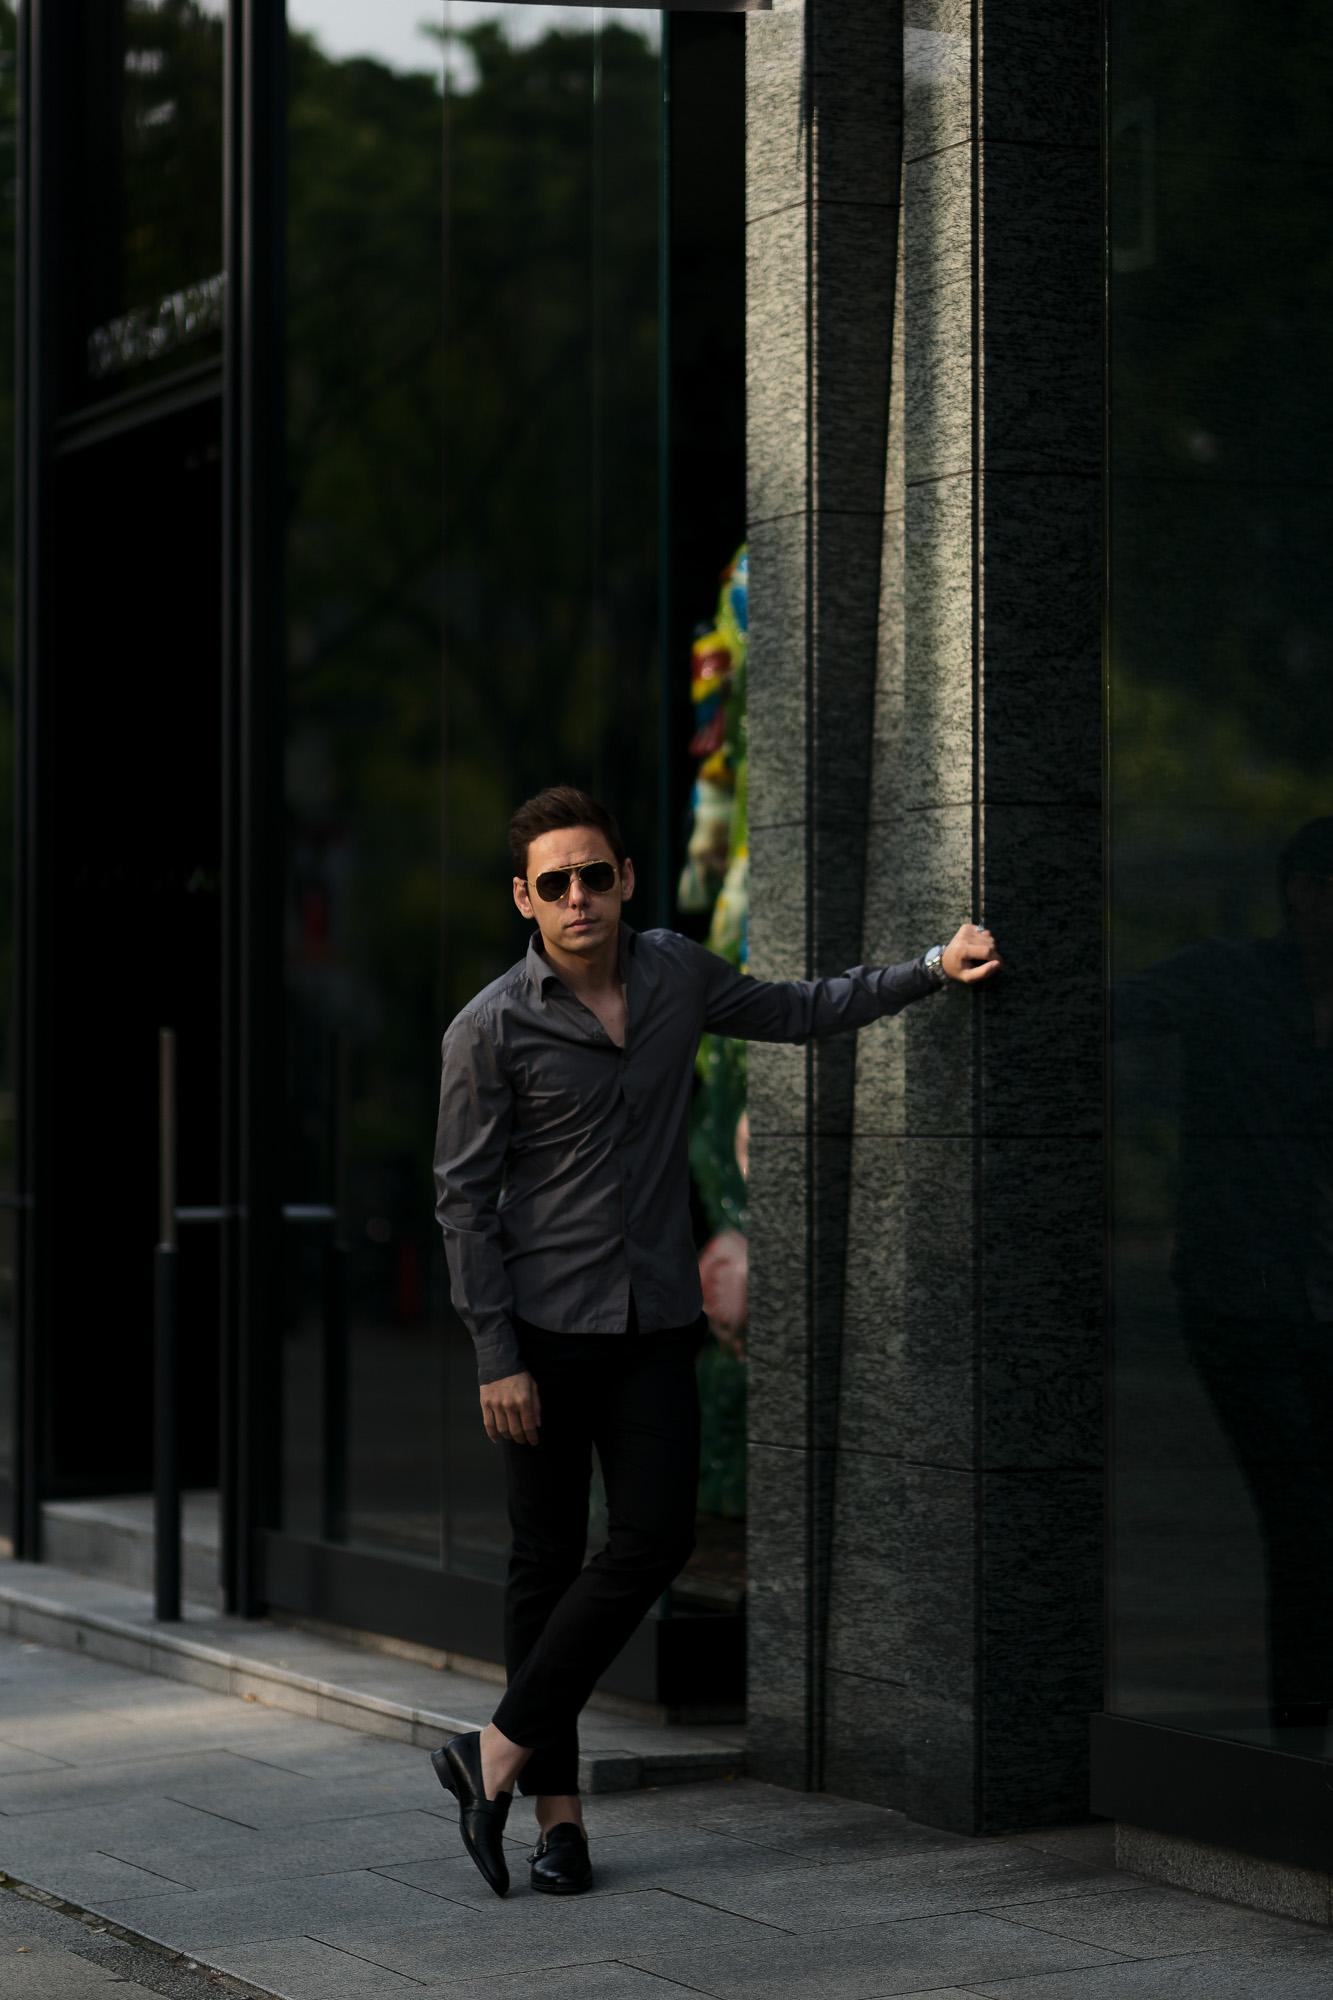 """Finamore (フィナモレ) SEUL ITALIAN COLOR COTTON POPLIN SHIRTS コットンポプリン ワンピースカラー シャツ GRAY (グレー・42) made in italy (イタリア製) 2020 春夏新作 愛知 名古屋 altoediritto アルトエデリット"""" width=""""1"""